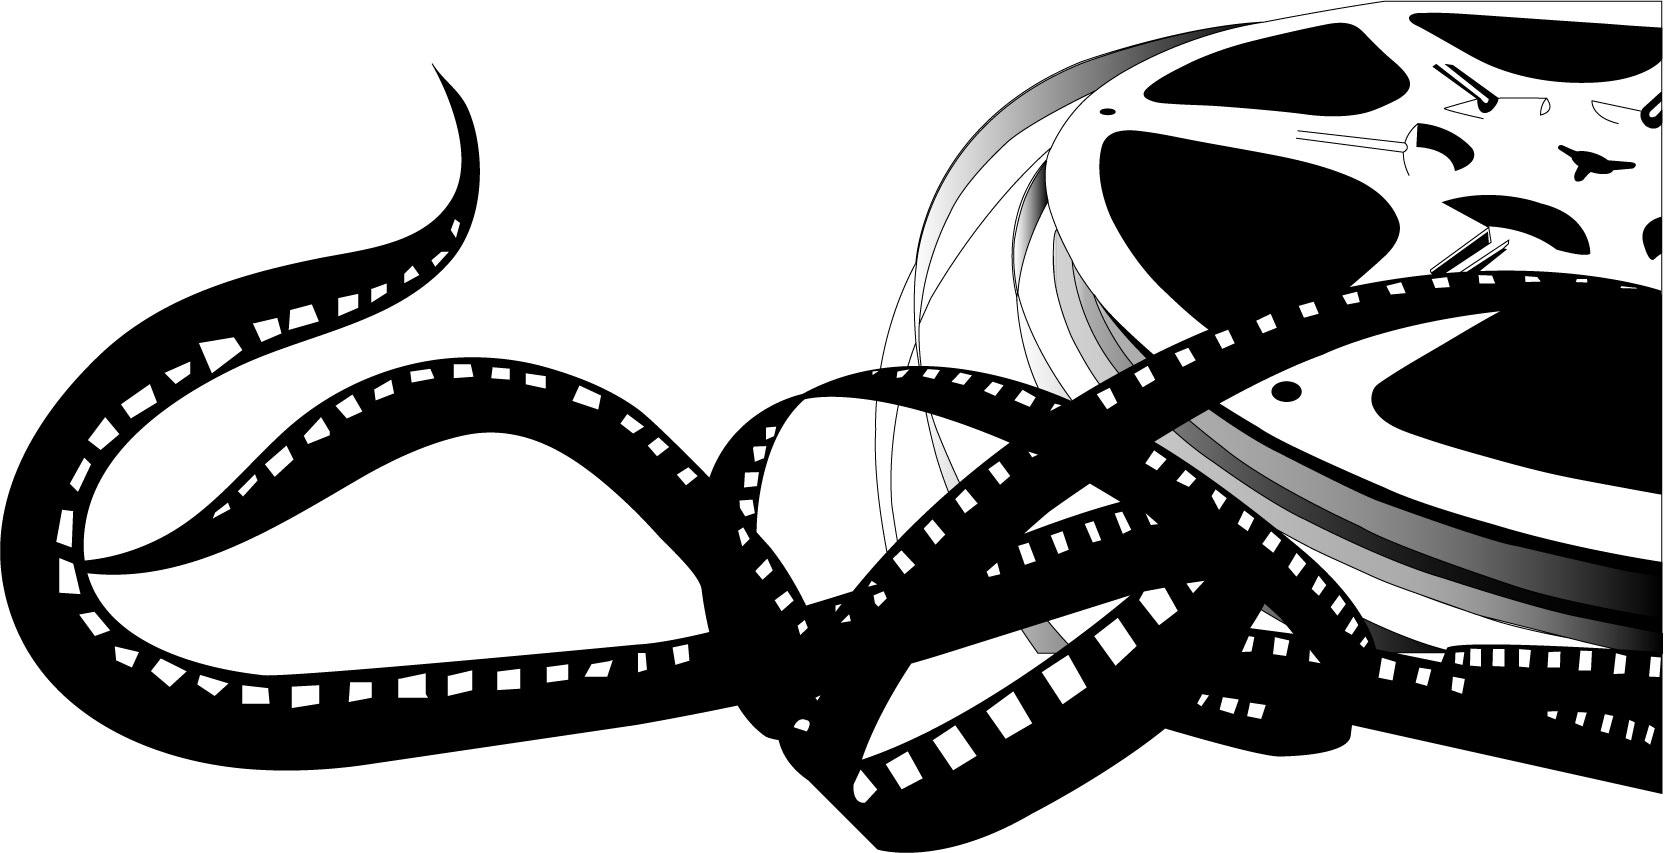 Movie clipart flim Film art Movie of Film